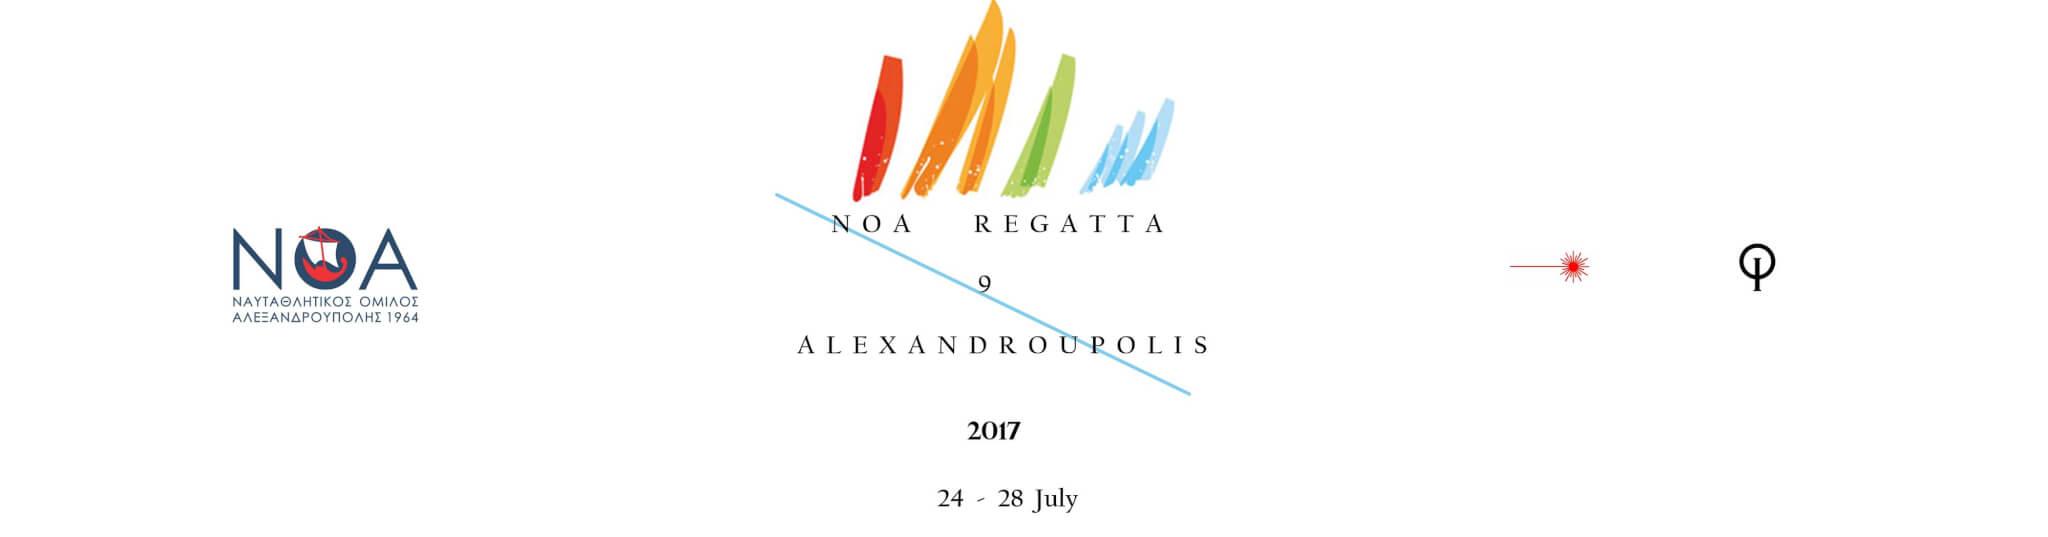 Ν.Ο.Α. International Regatta 2017